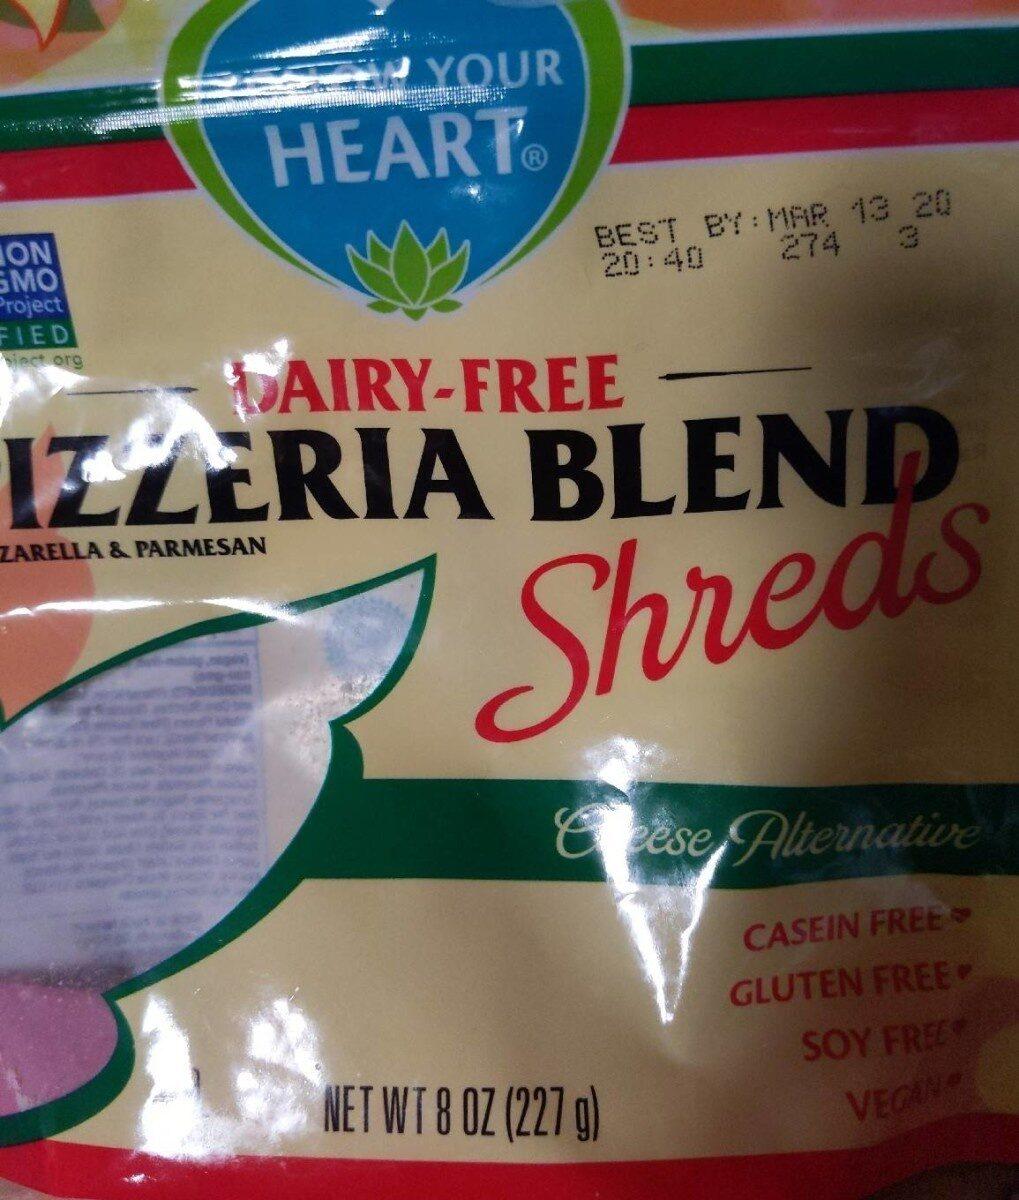 Pizzeria blend - Product - en